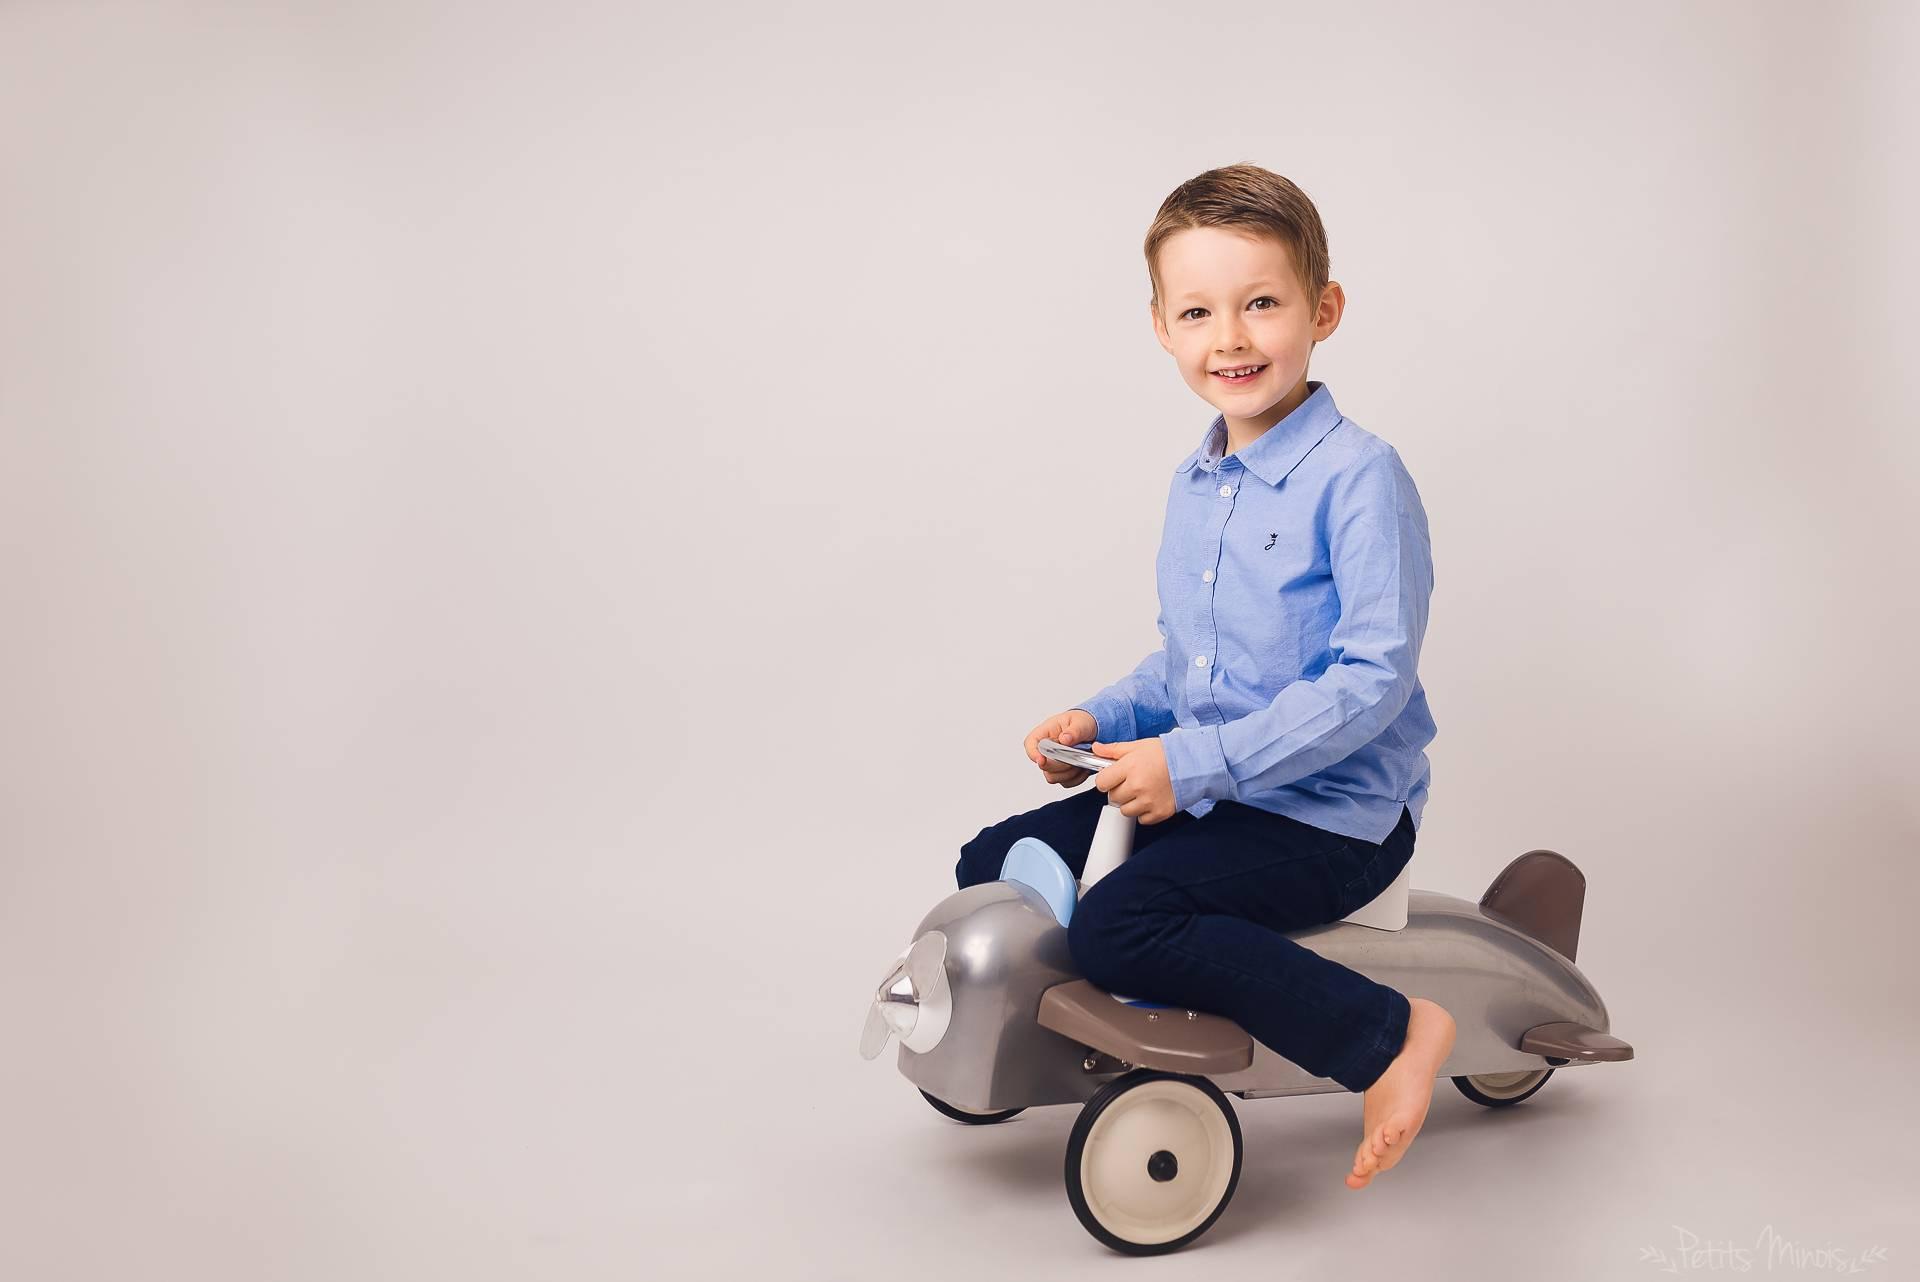 photographe brest séance enfant